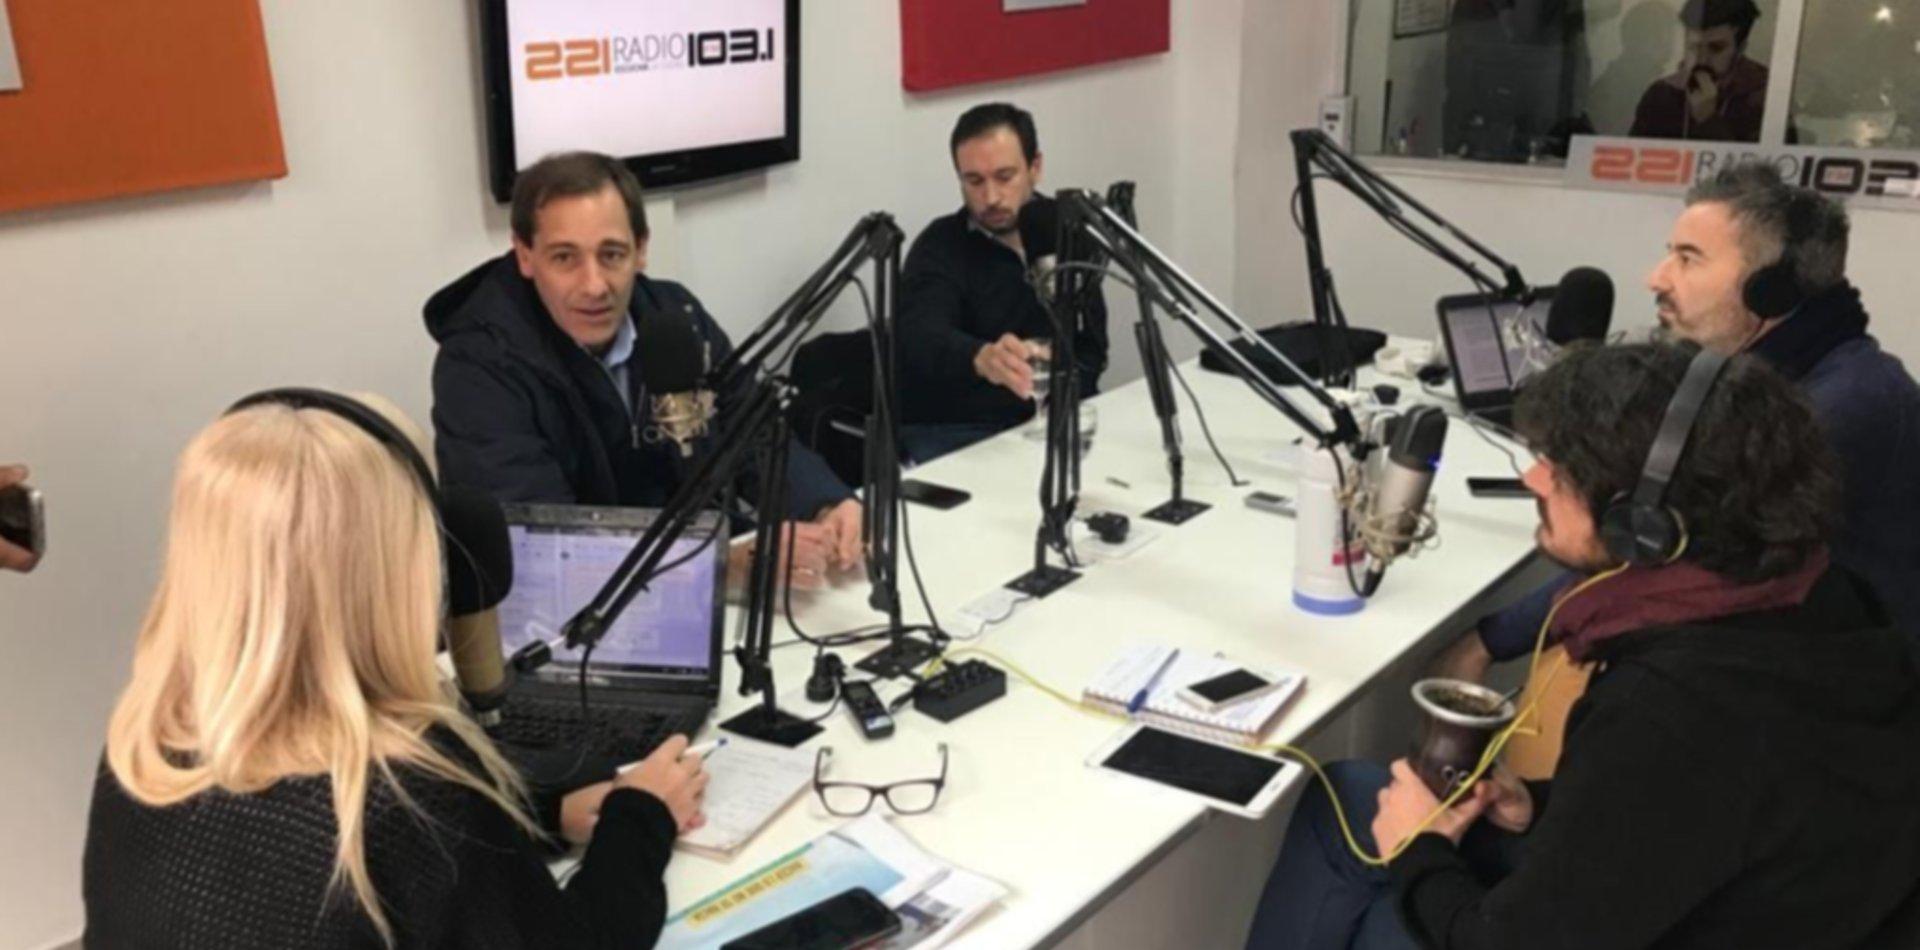 Garro habló de todo en 221Radio: Edelap, manteros y lo que viene en la ciudad